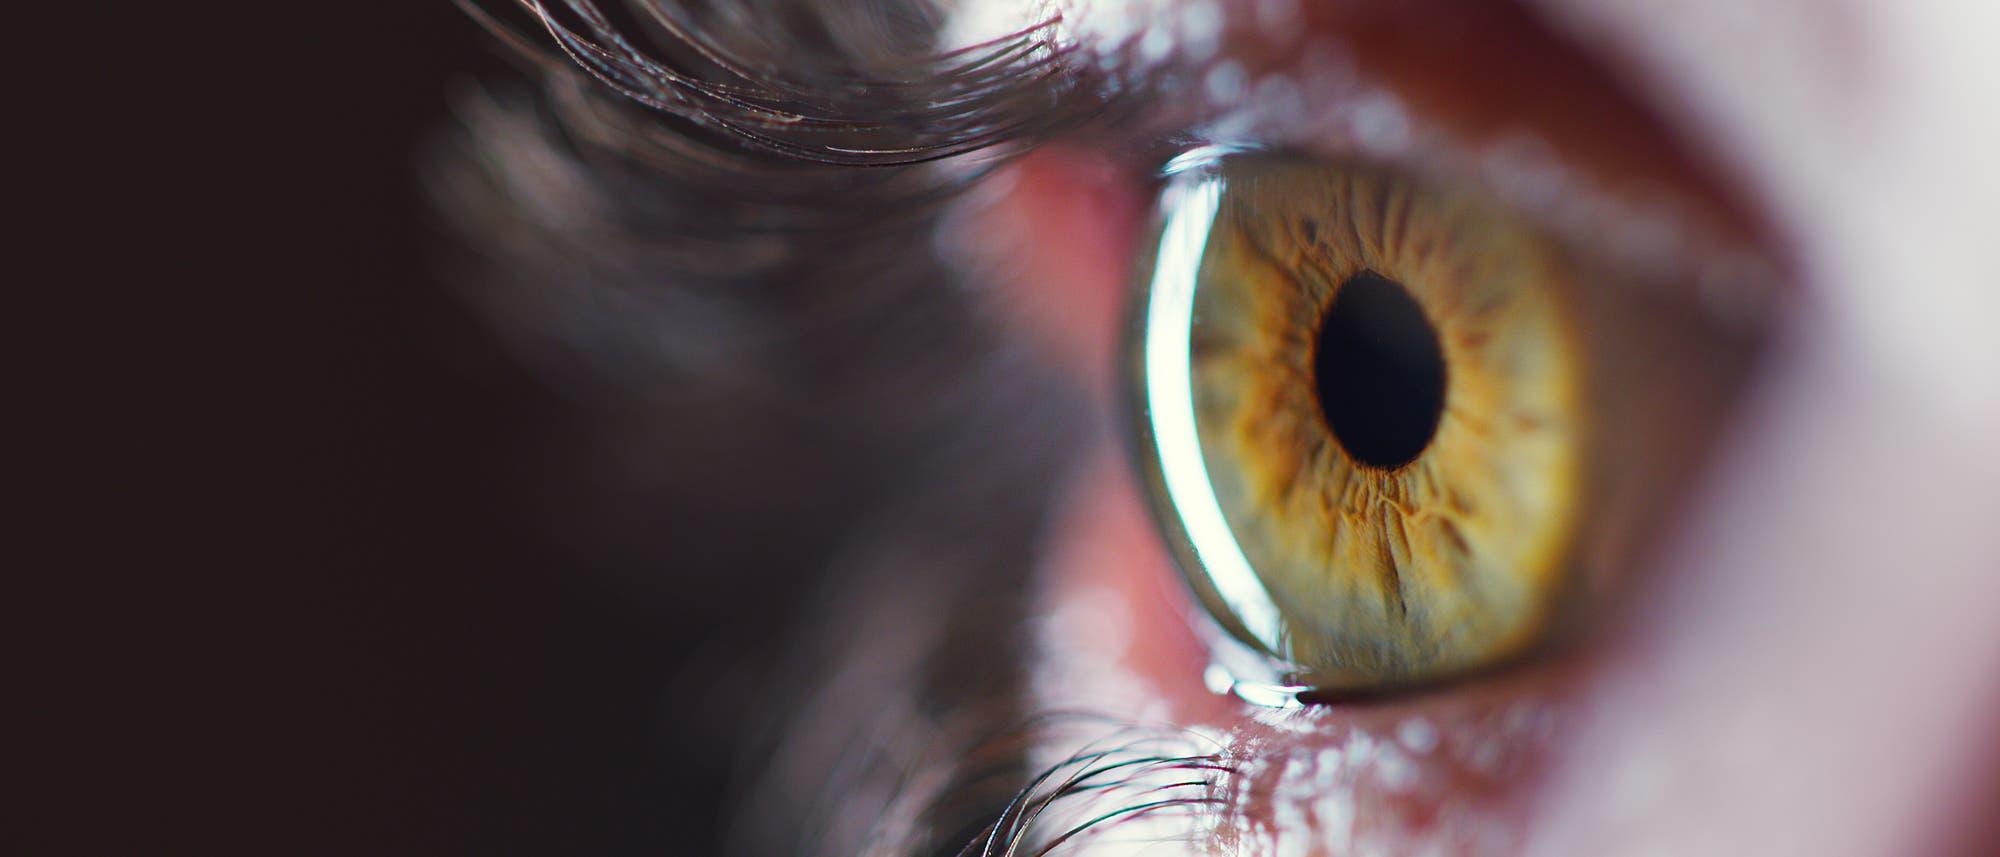 Ein Auge mit Pupille